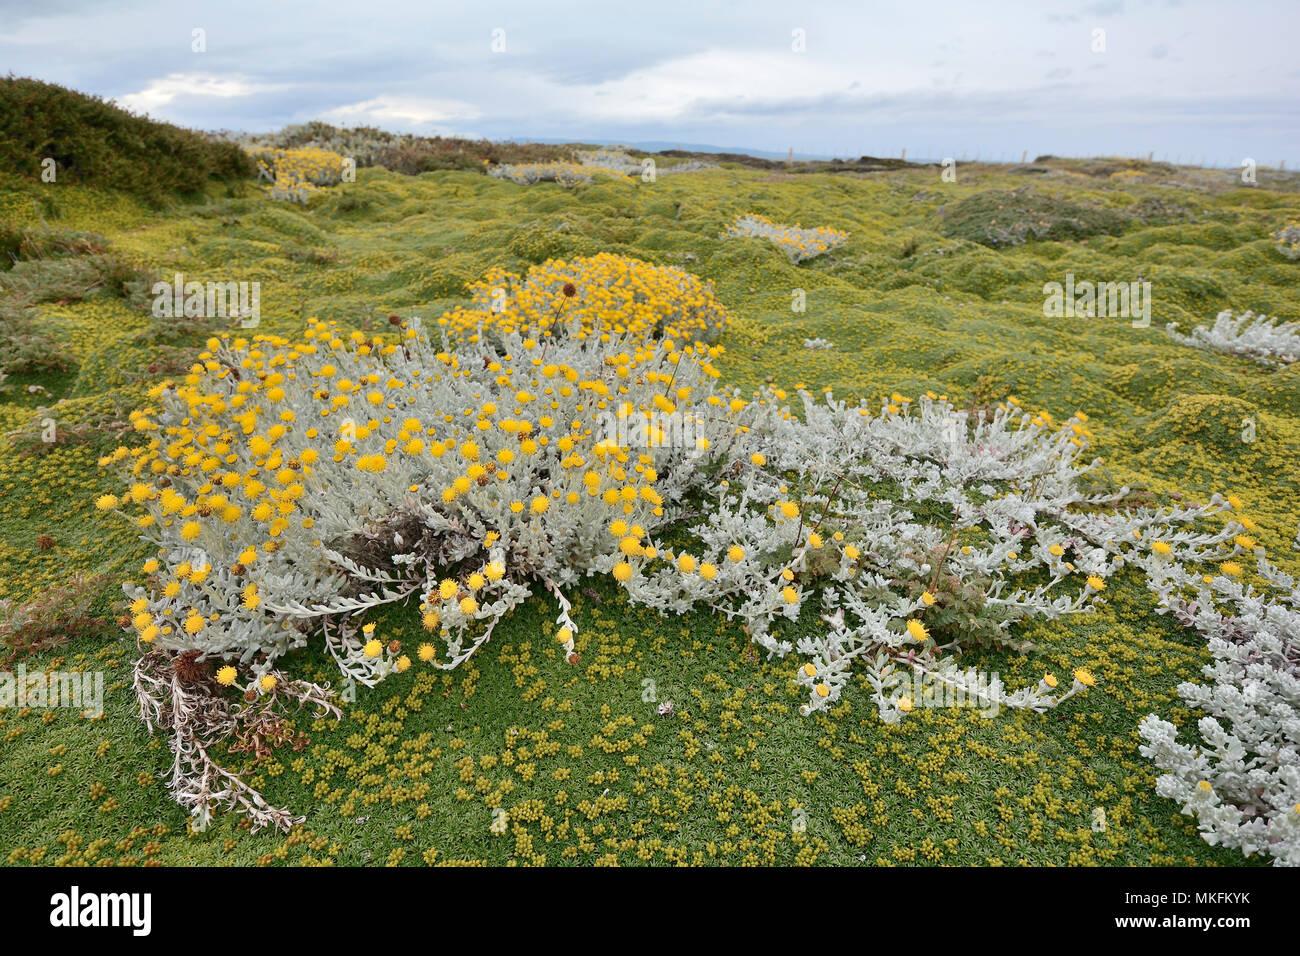 Senecio patagónico (Senecio patagonicus), Asteraceae, sobre una alfombra de Azorelle o el cojín de los Andes (Azorella trifurcata), Reserva natural de Seno Otway, alrededor de Punta Arenas, XII Región de Magallanes y Antártica Chilena Imagen De Stock